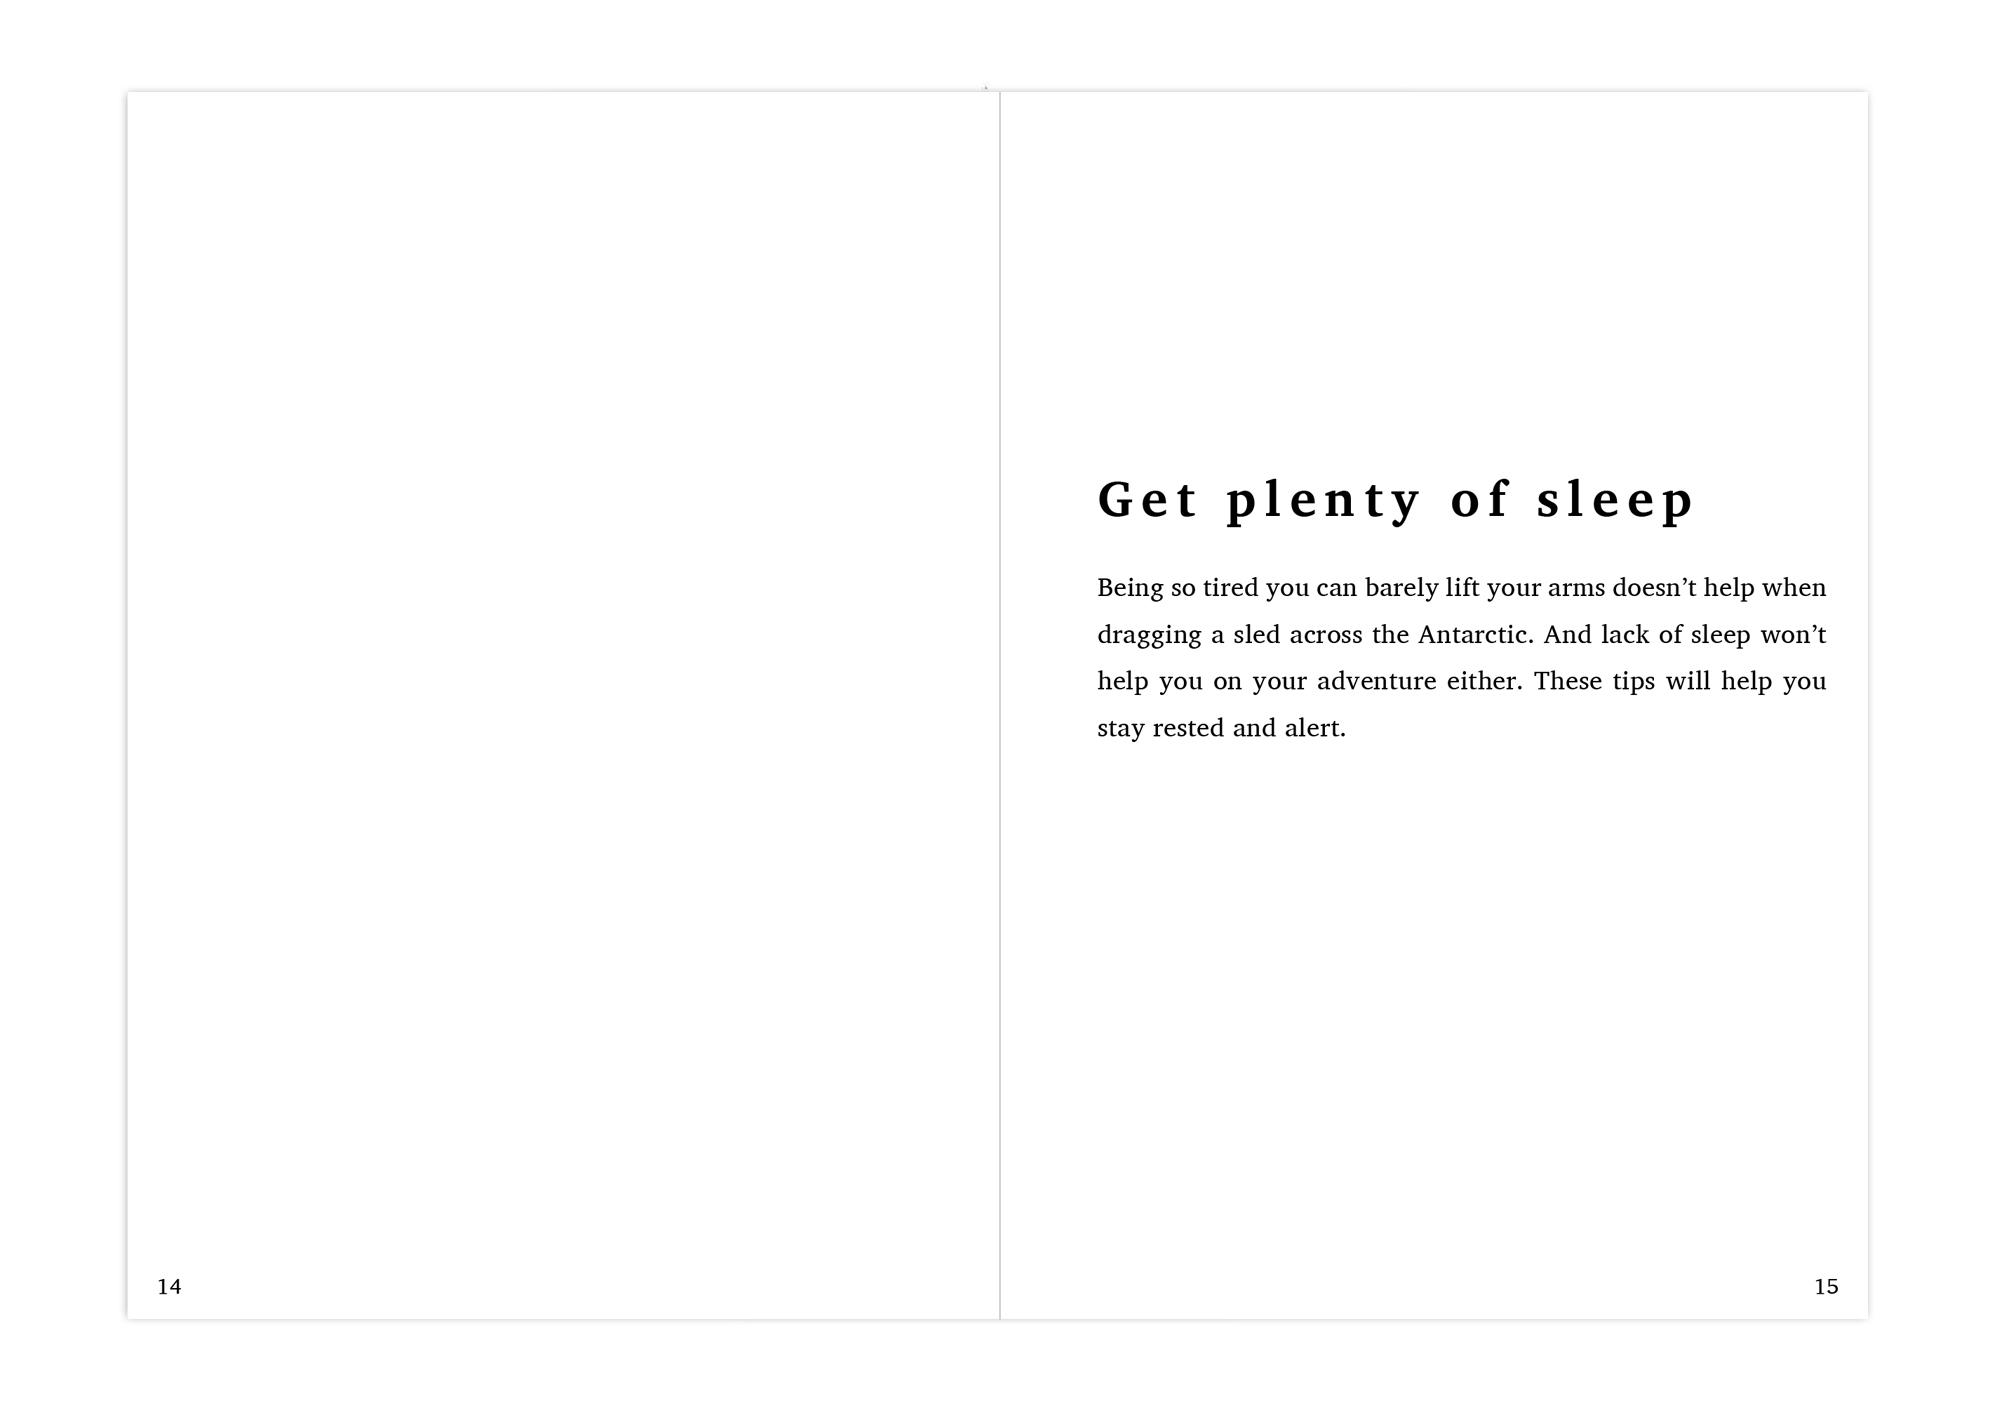 SG-Spead-plenty of sleep.jpg